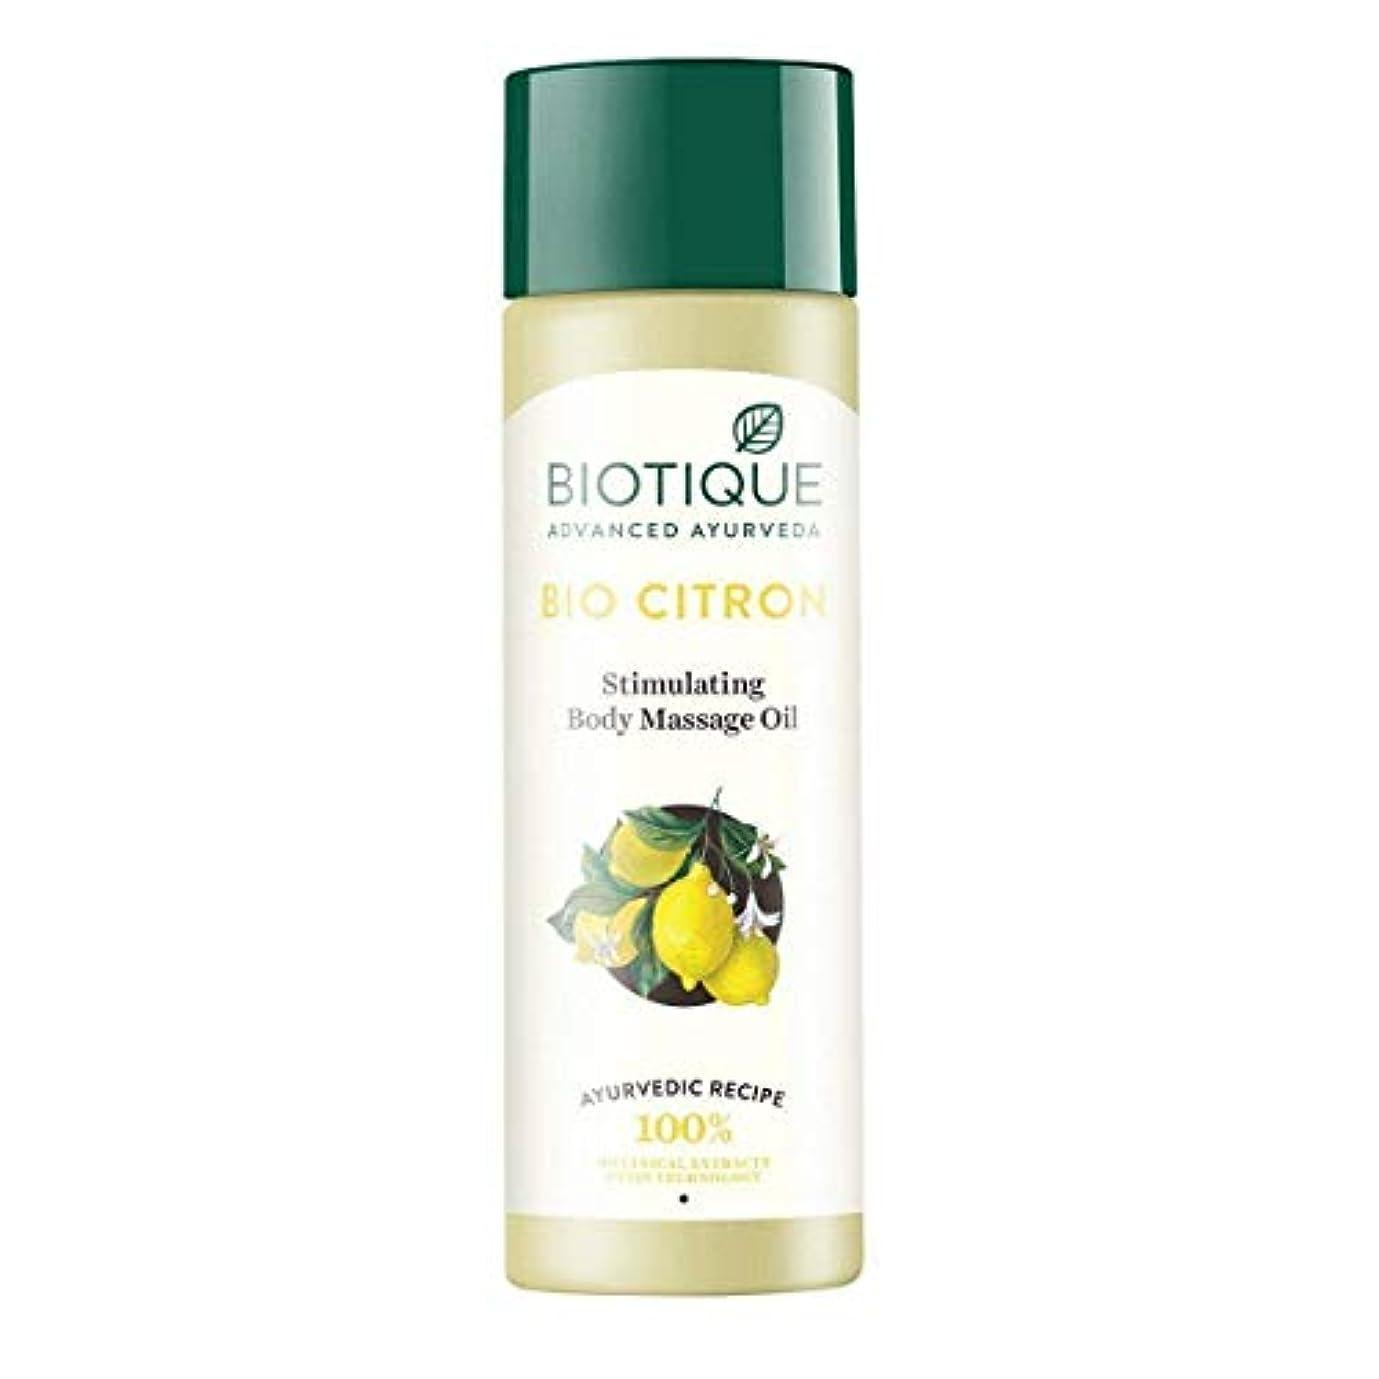 バリーできればスクラッチBiotique Bio Citron Stimulating Body Massage Oil, 200ml rich in vitamin Biotique バイオシトロン刺激ボディマッサージオイル、ビタミン